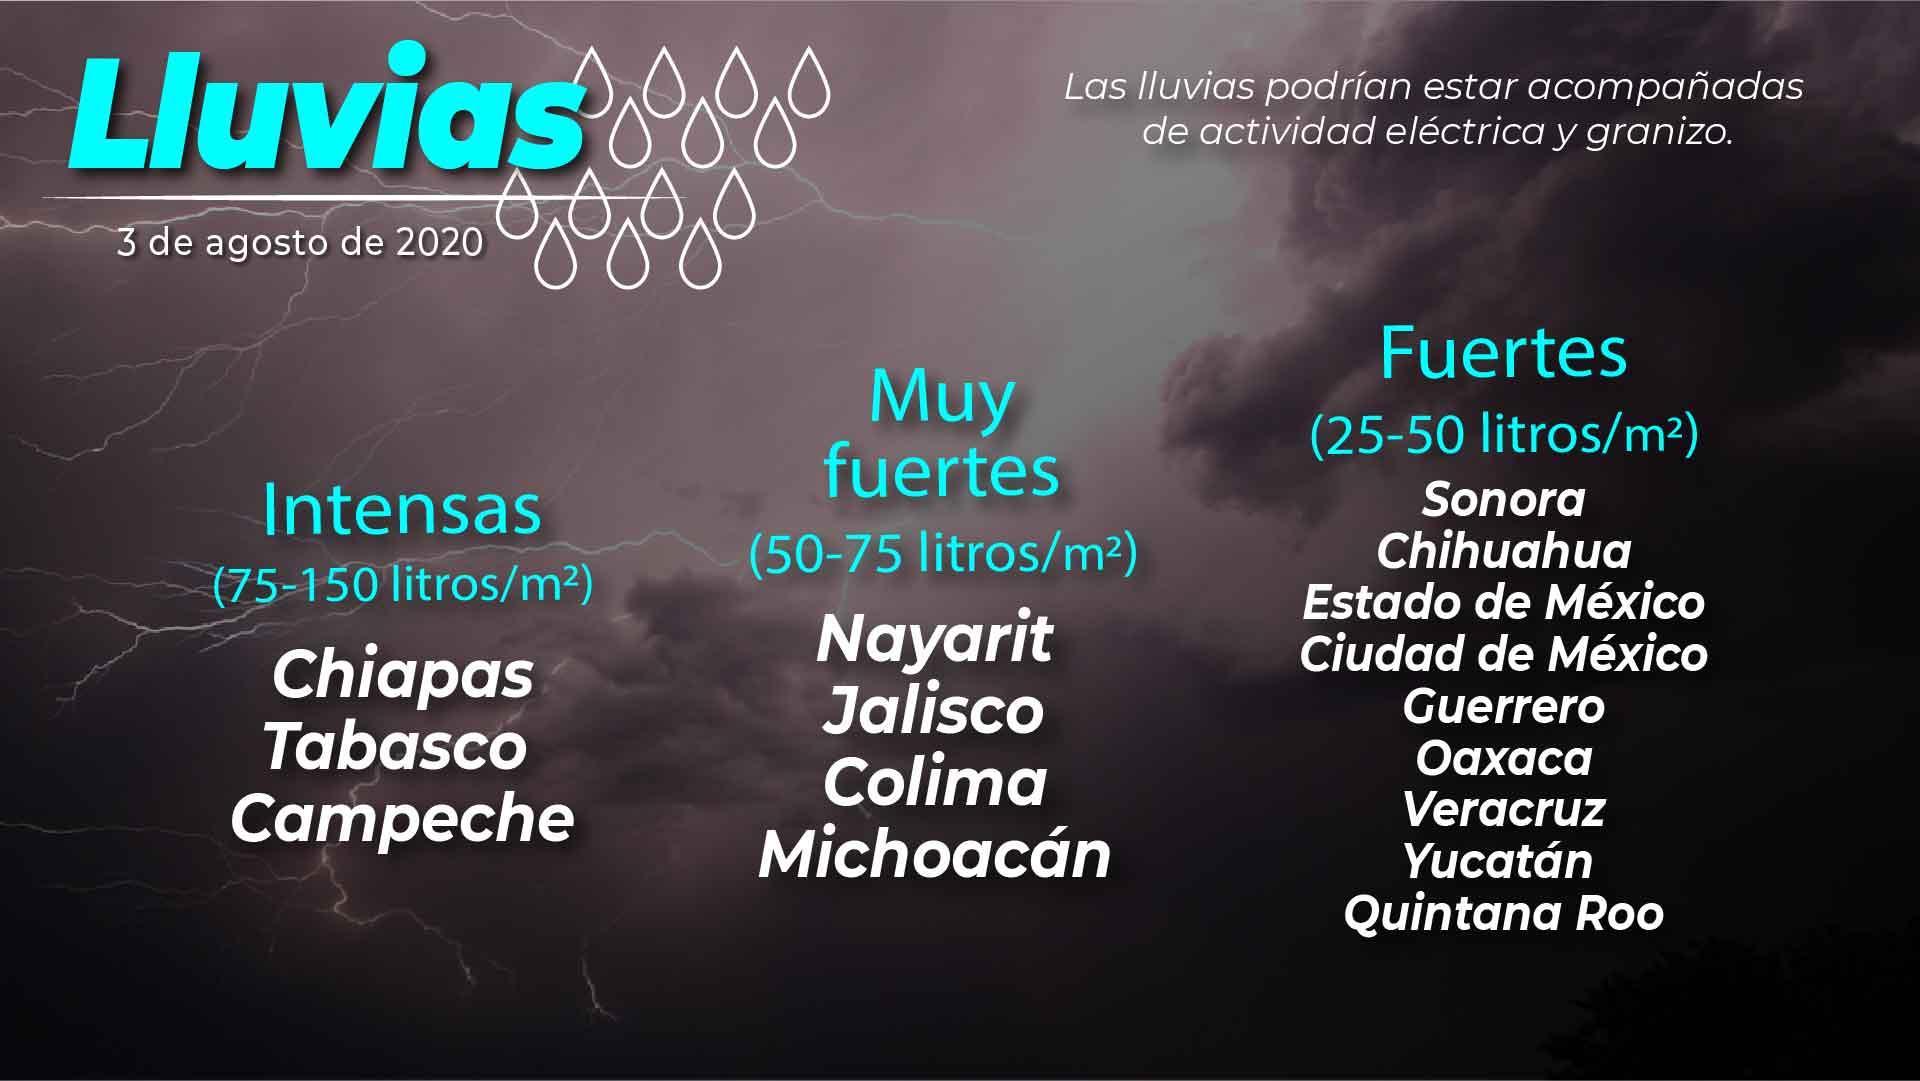 Esta noche, se pronostican lluvias intensas para Campeche, Chiapas y Tabasco